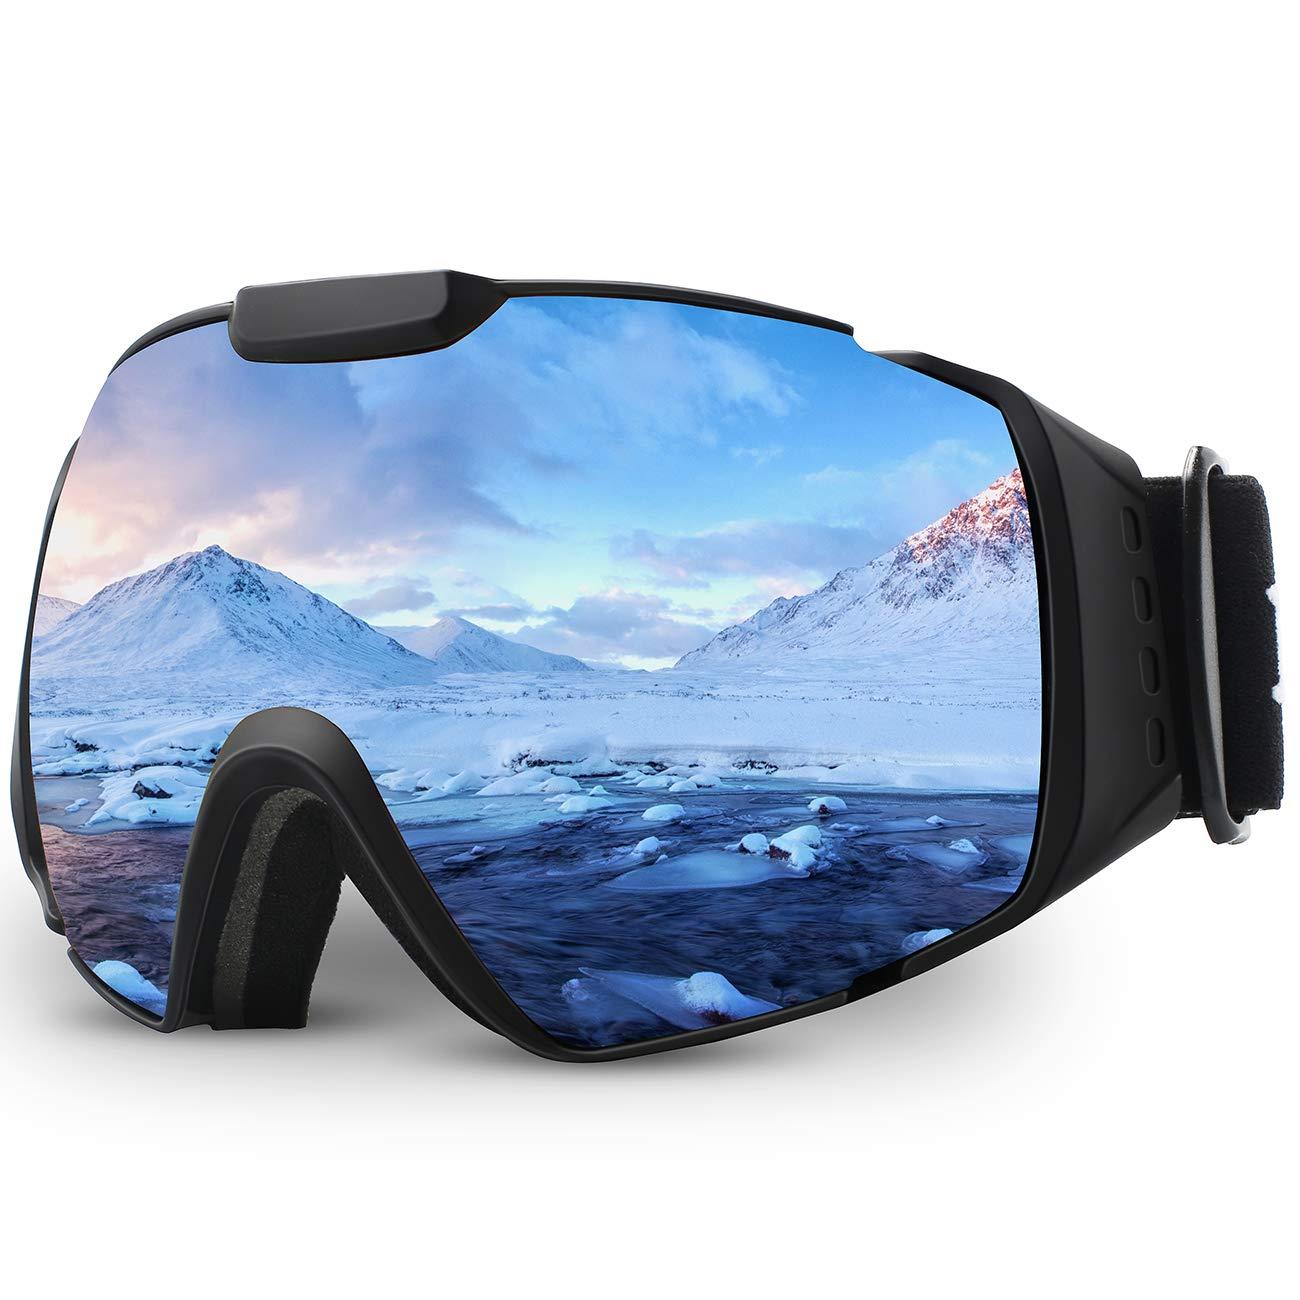 Juli® Skibrille,Winter Schnee Sport Snowboardbrille Mit Anti-Nebel UV Schutz Austauschbar Sphärische Doppelte Linse für Männer Frauen & Jugend Schneemobil B07LG5D62D Skibrillen Sehr praktisch